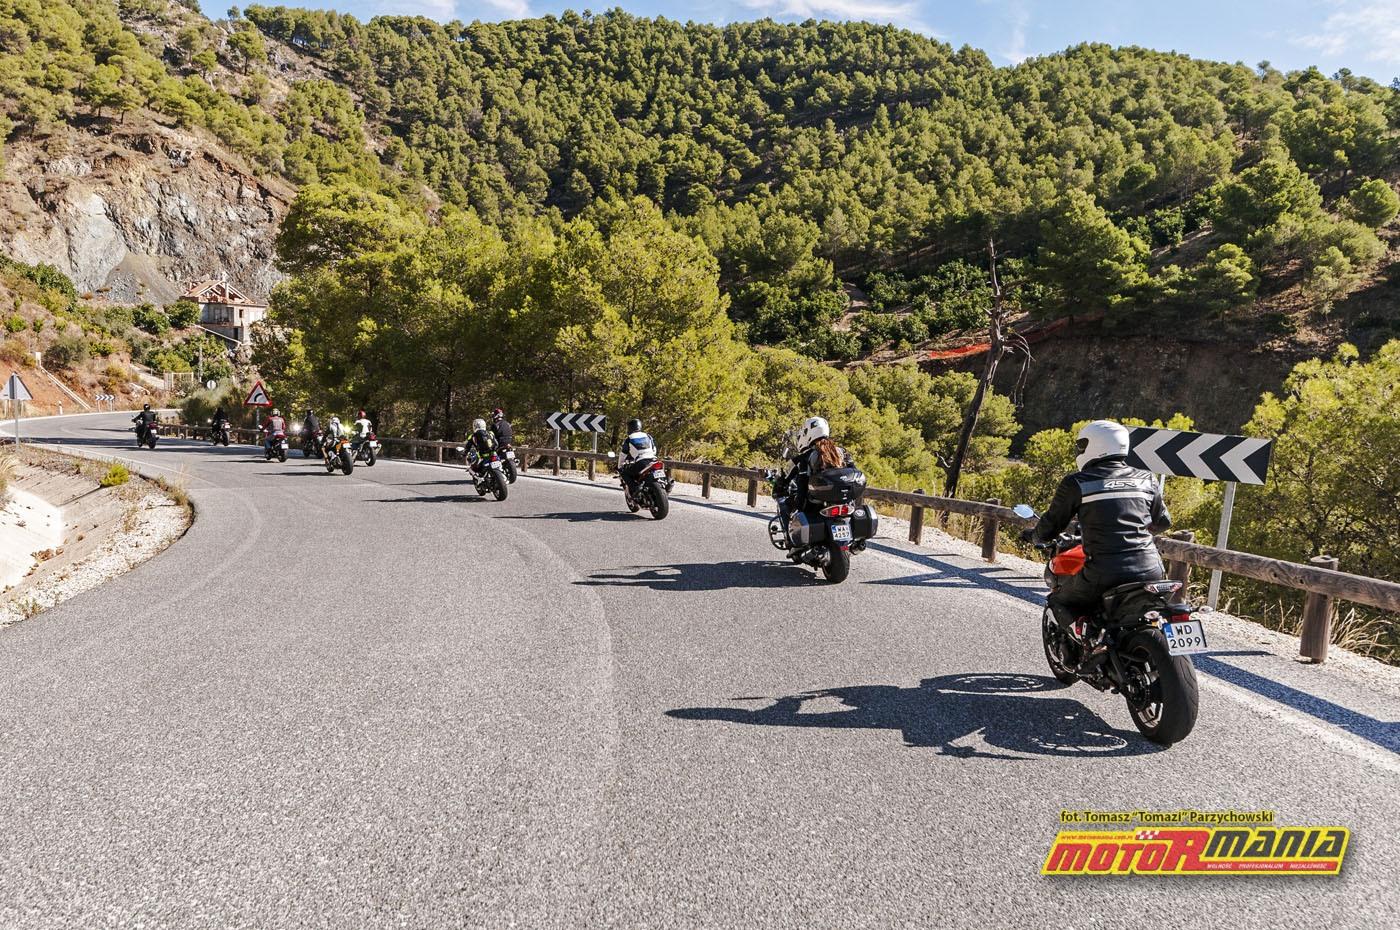 Hiszpania Malaga Marbella Ronda z MotoRmania w sezonie 2017 - zapraszamy (17)